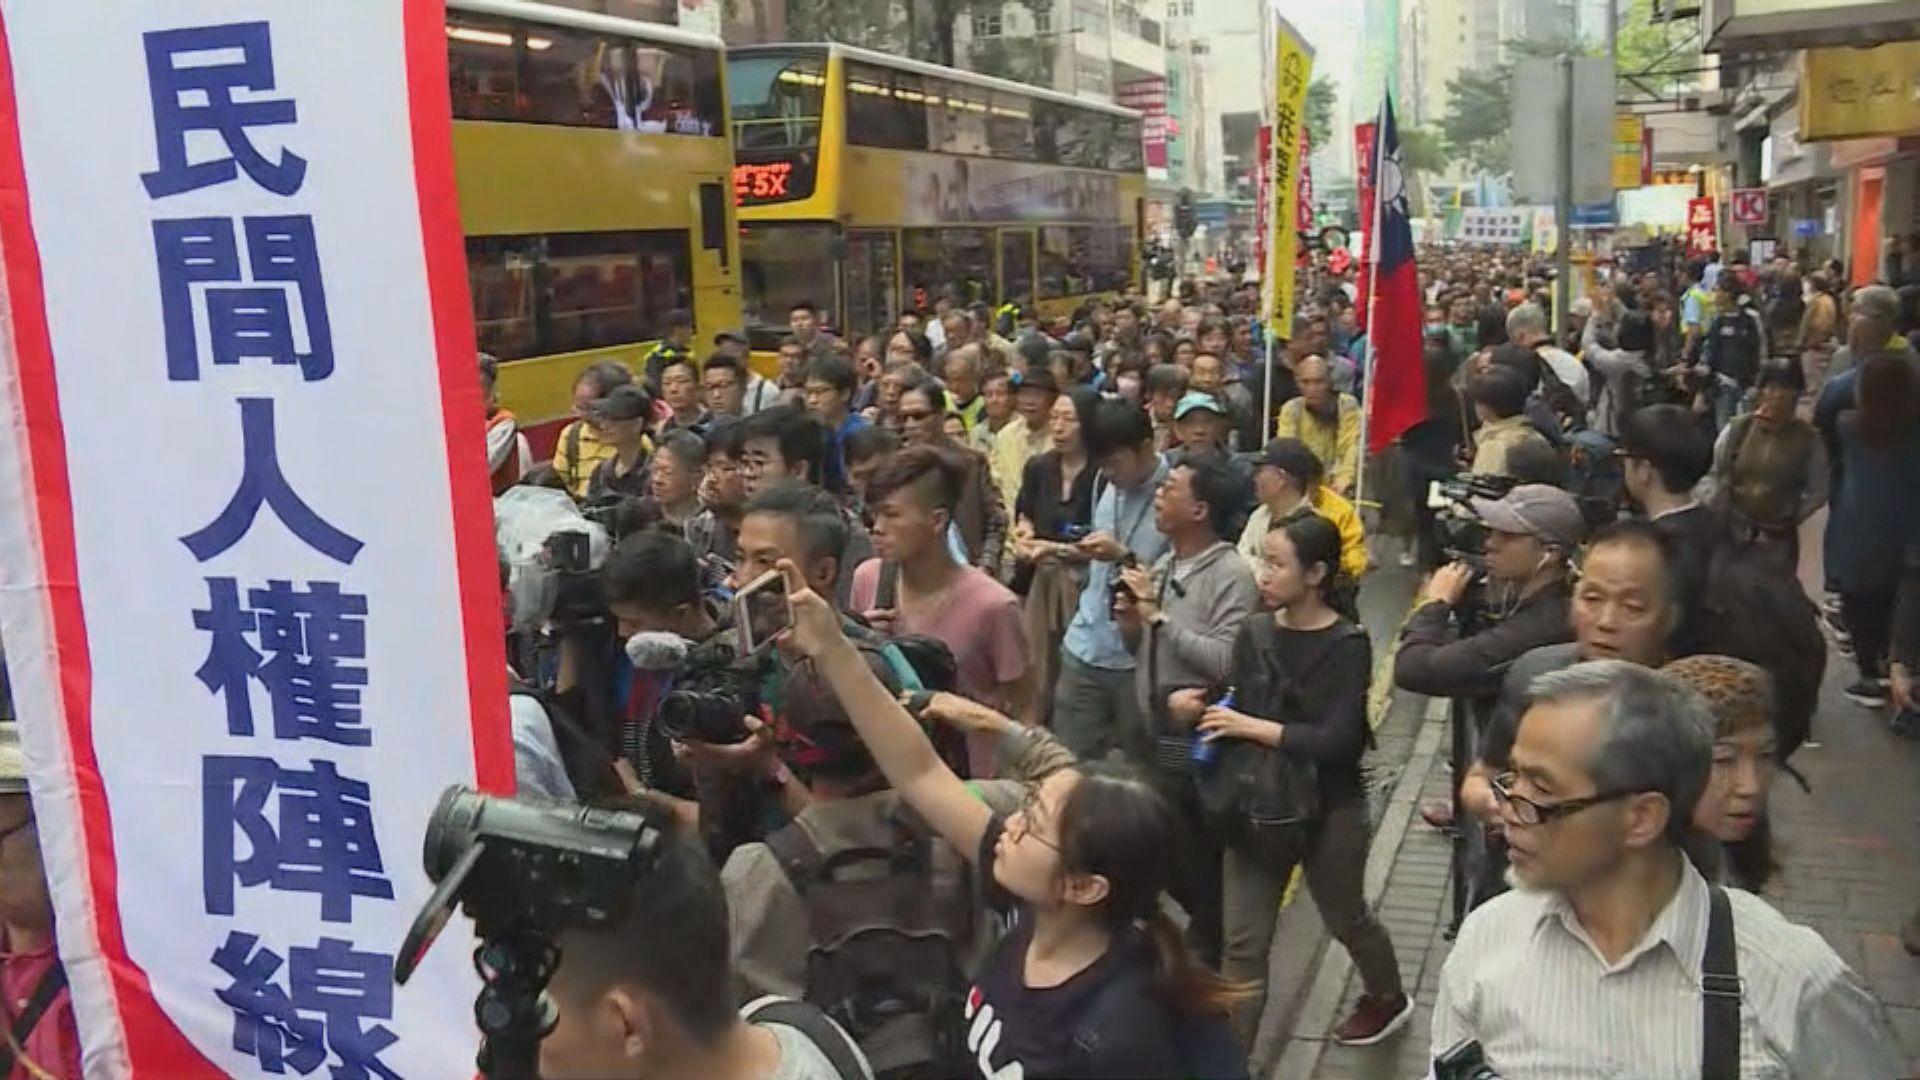 民主派遊行反對修訂逃犯條例